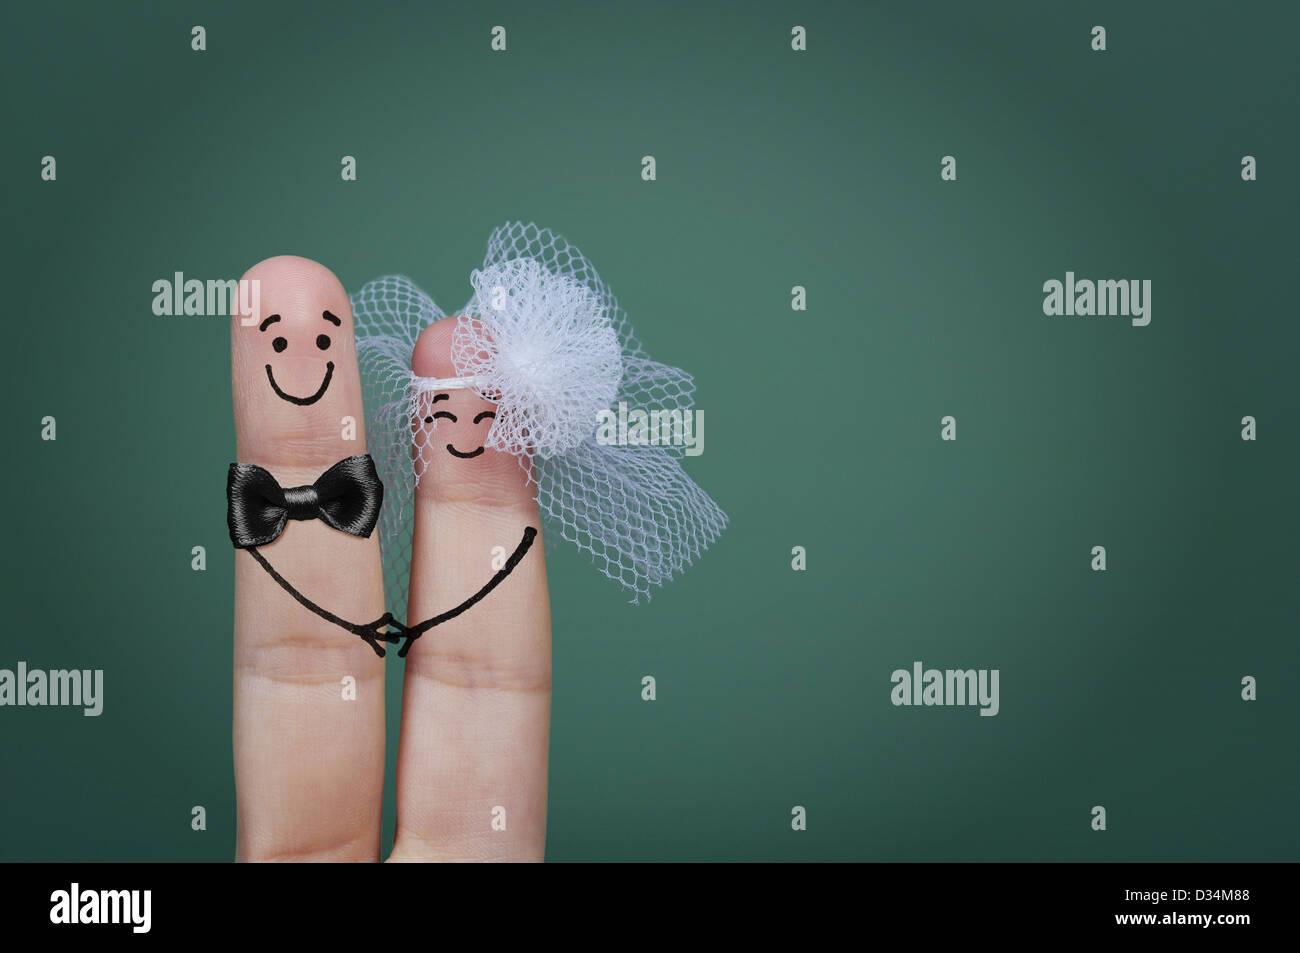 Zwei glückliche Finger als Braut und Bräutigam mit Schleier und Fliege verziert Stockfoto